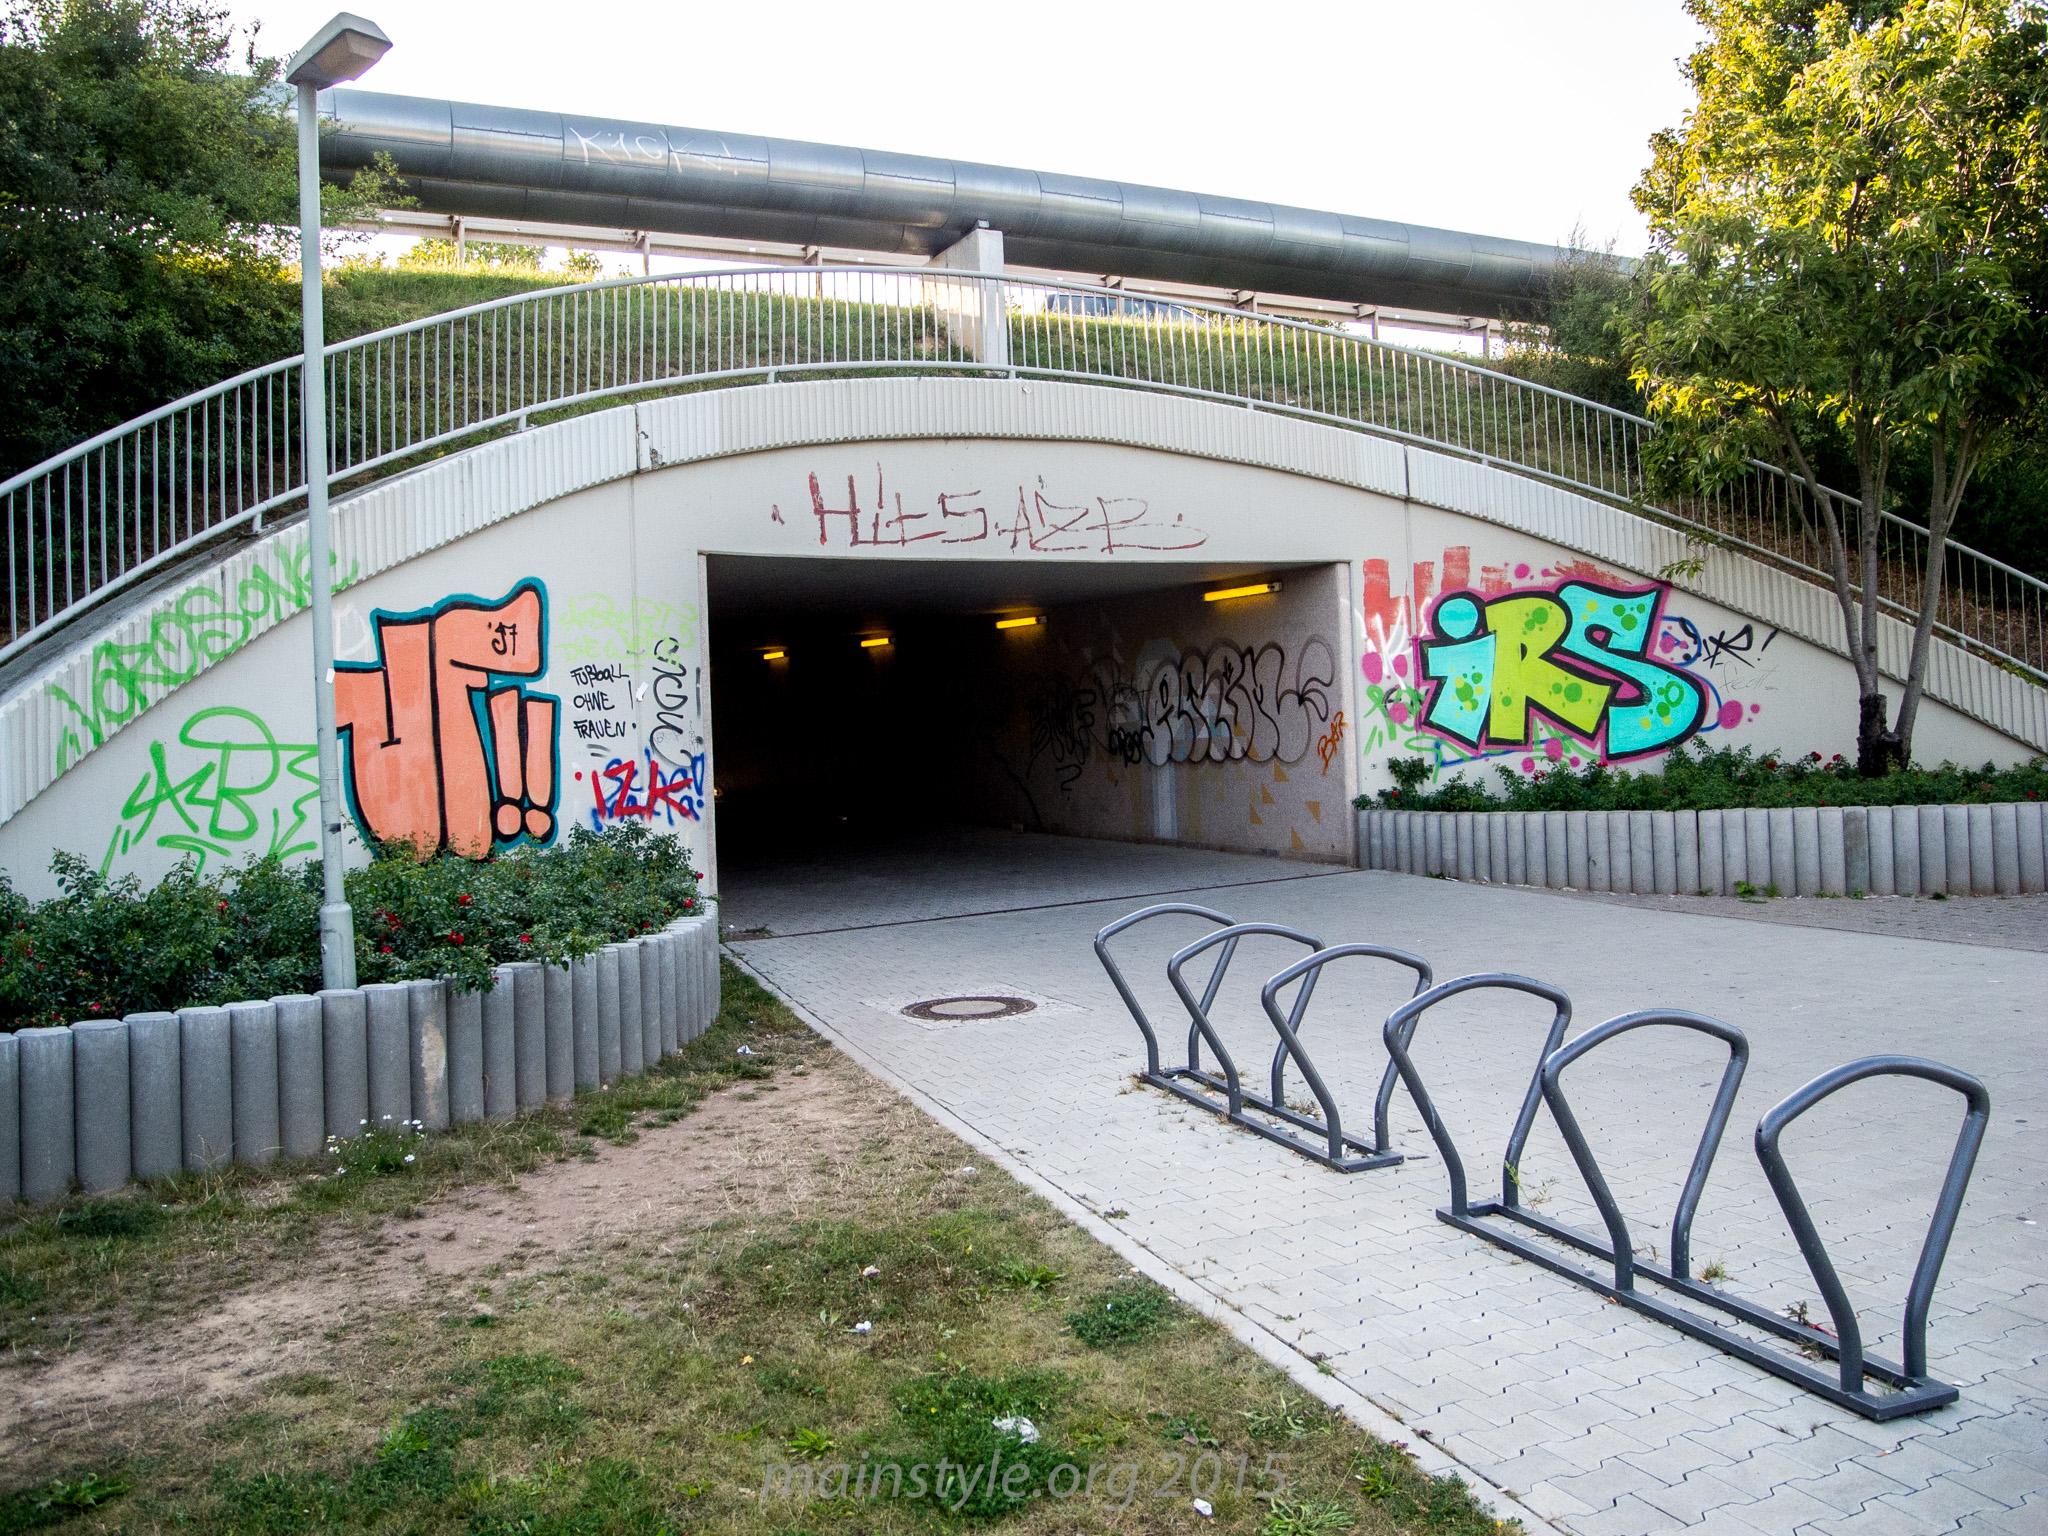 Hedderheim_23yearsago (5 von 1)